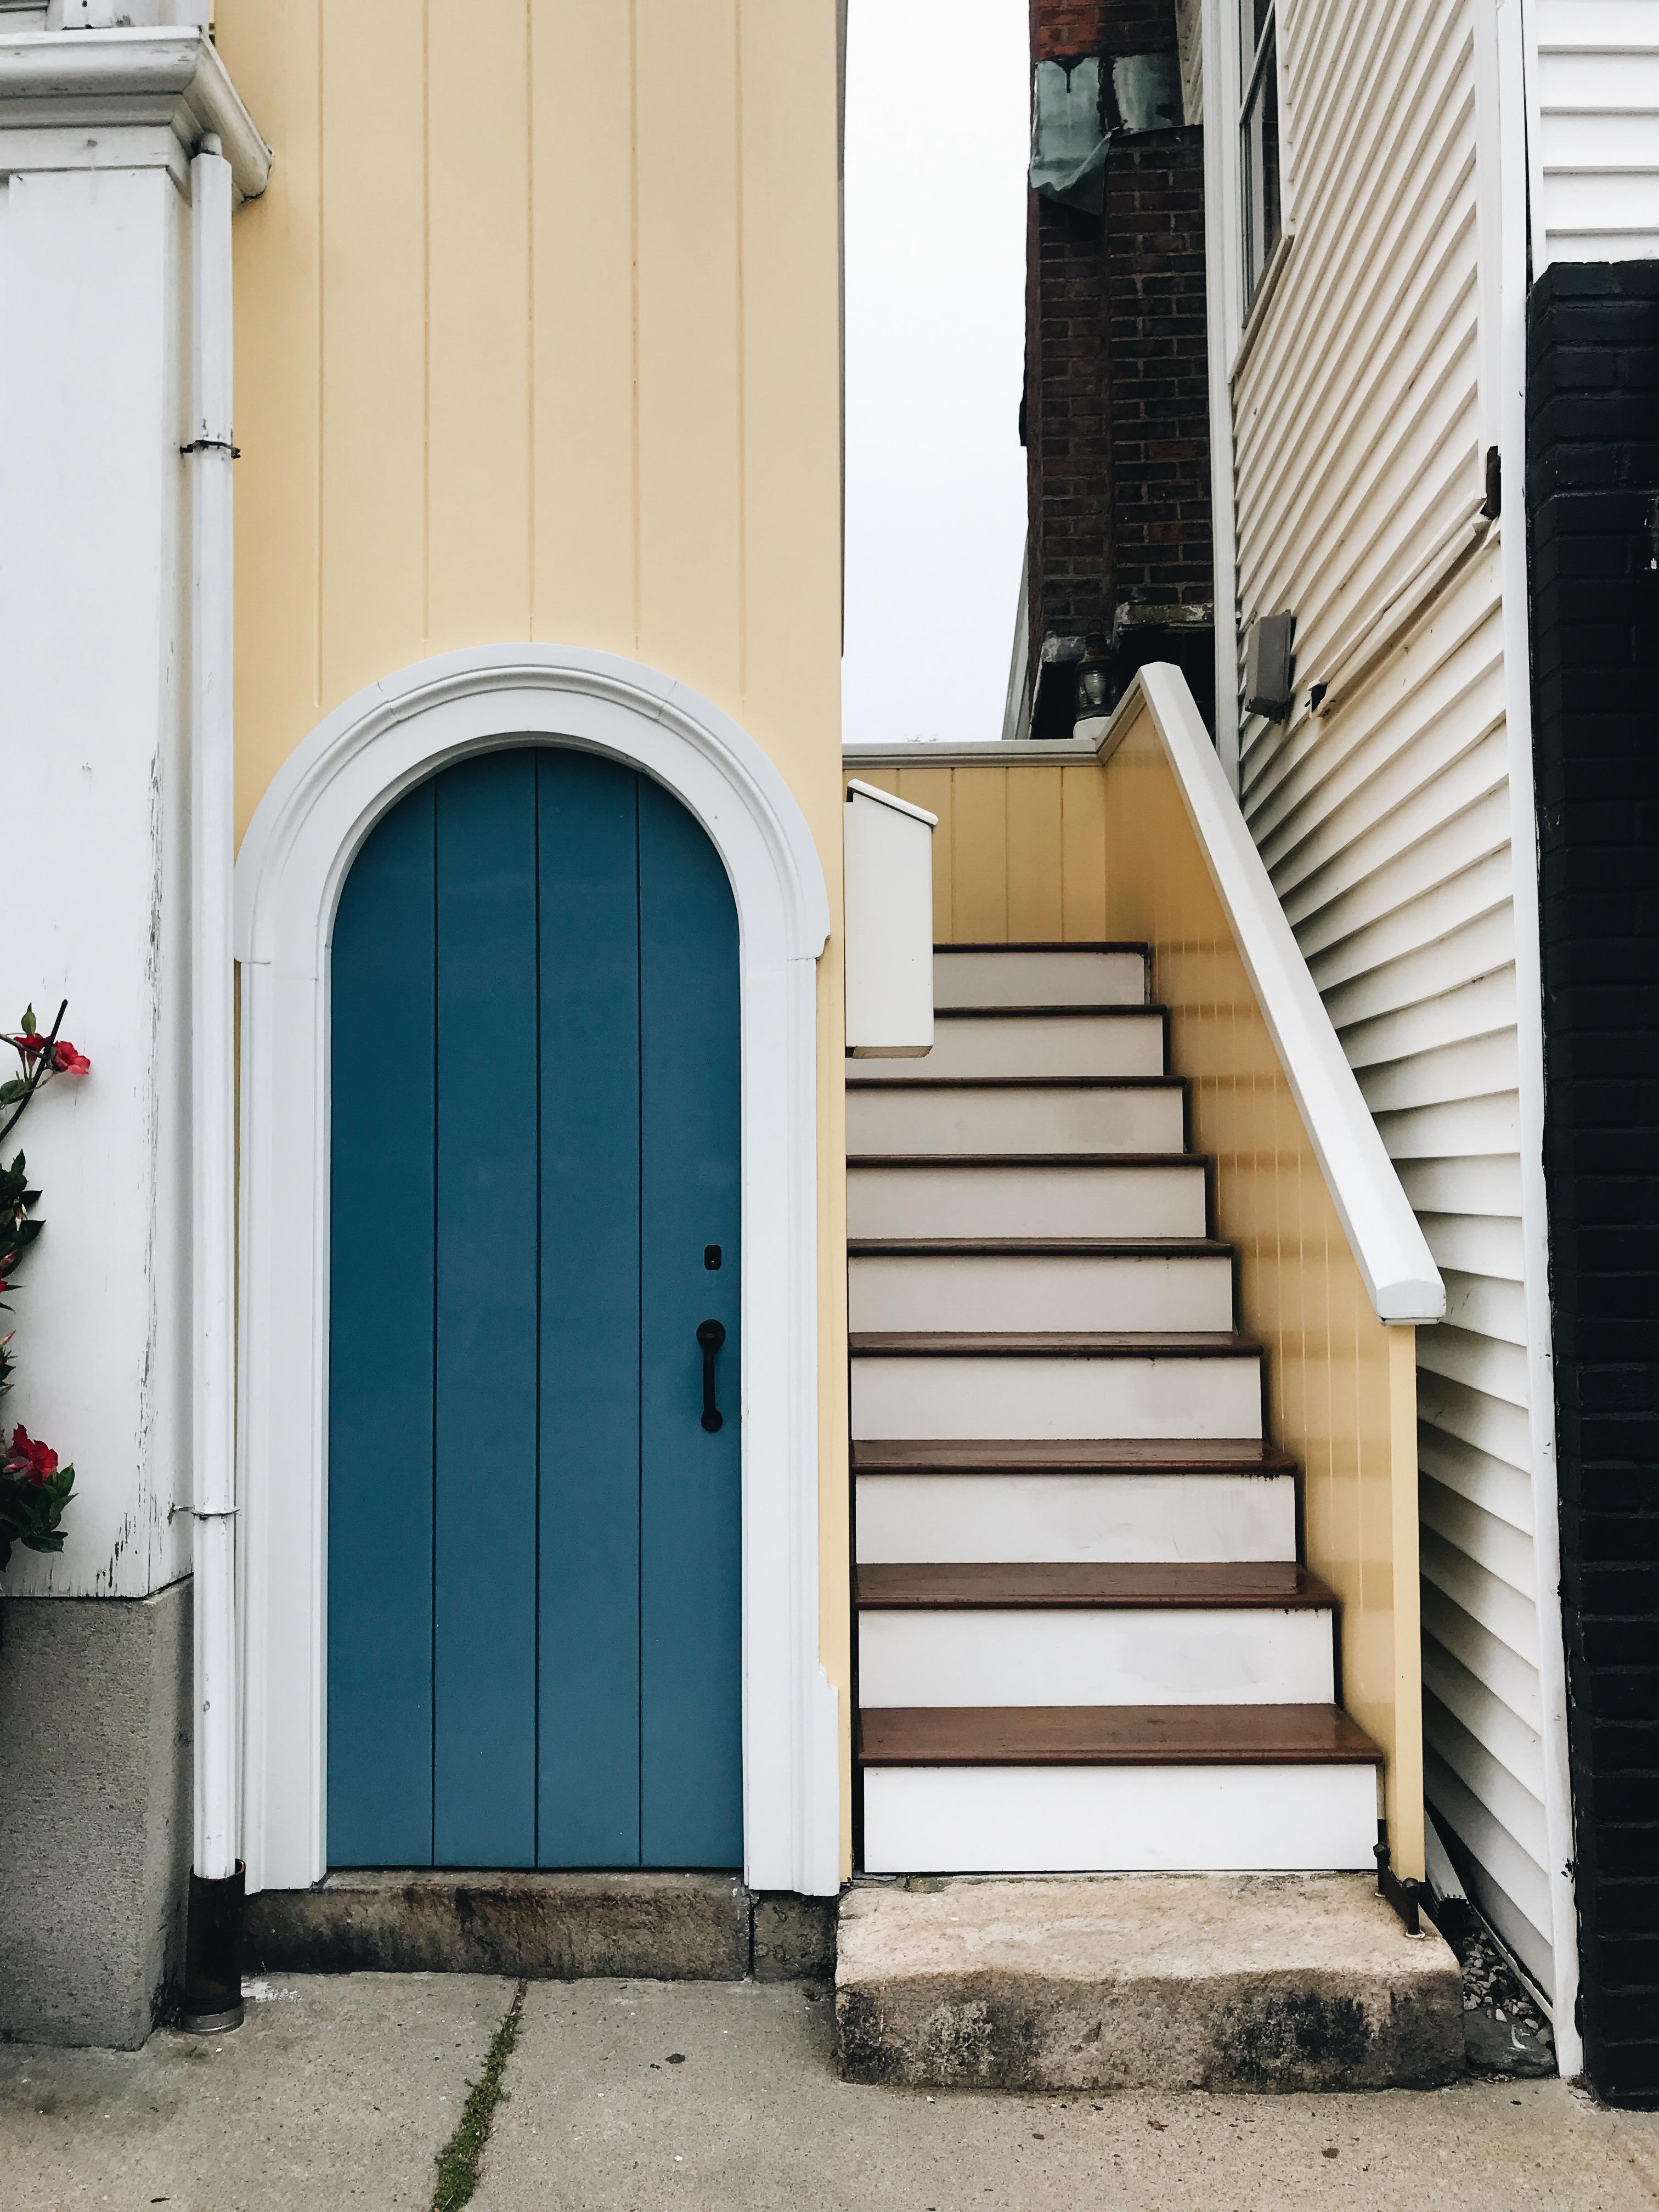 Door in Stonington, CT